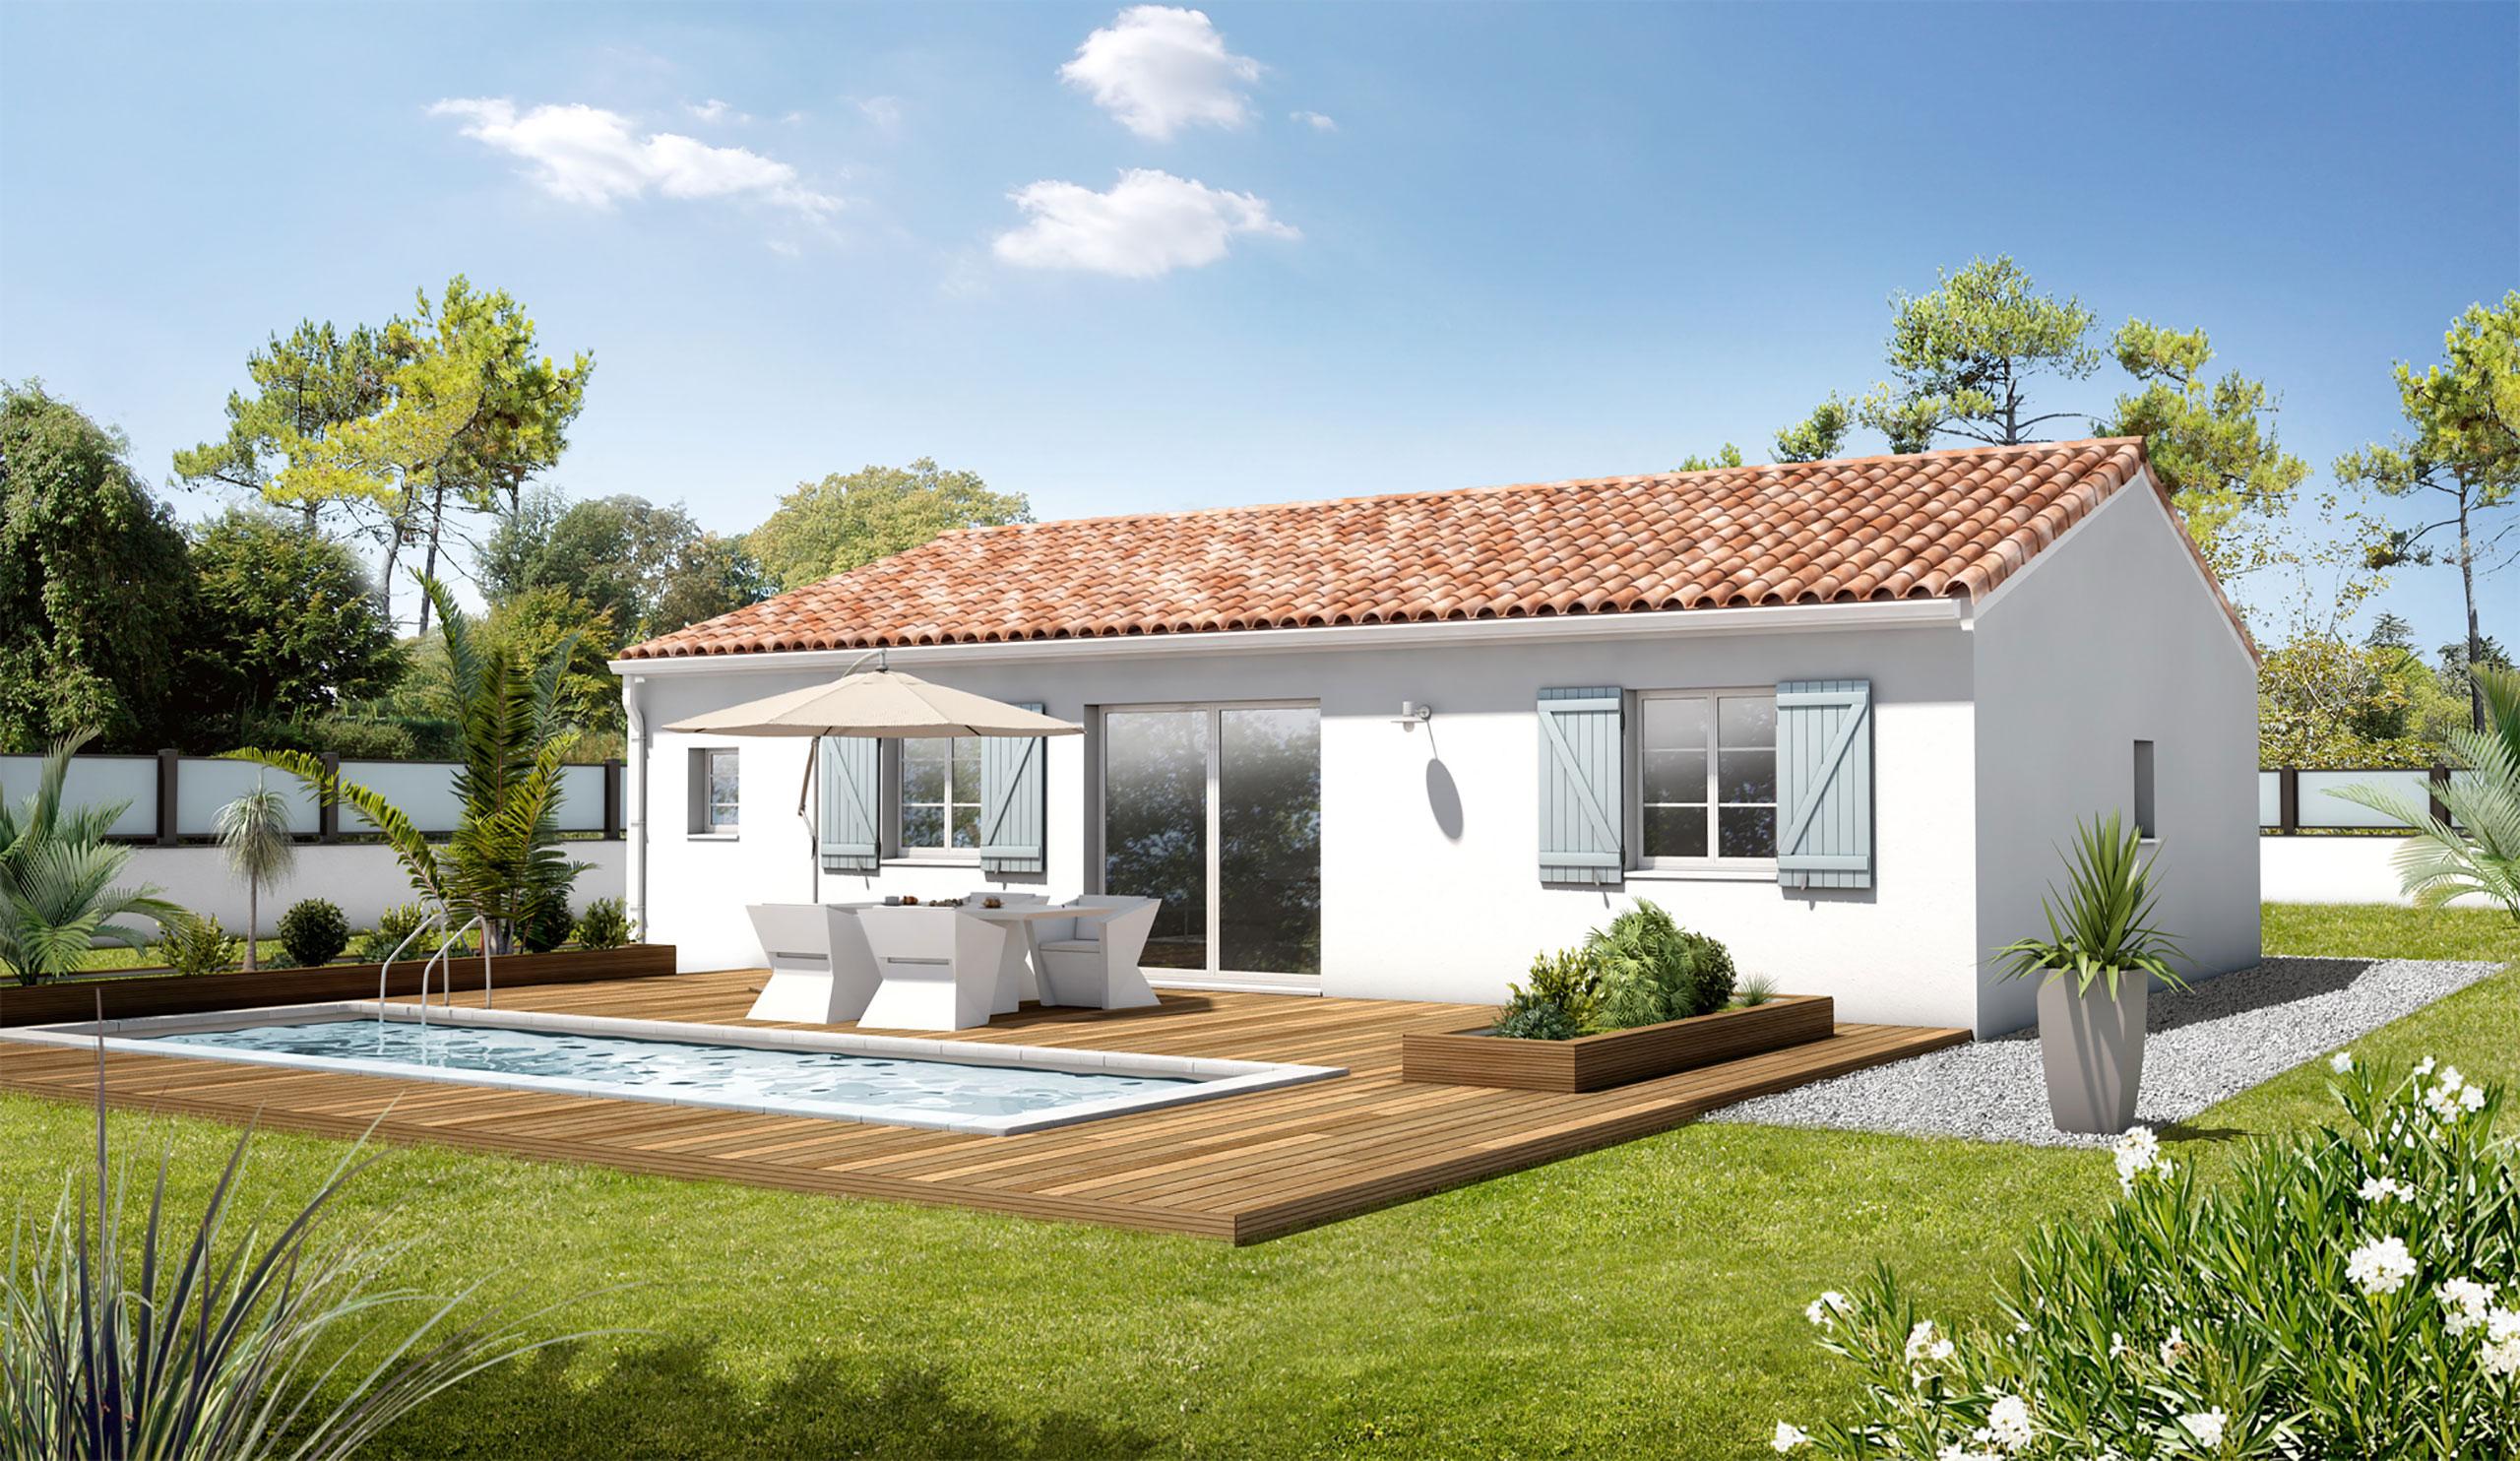 Ancien Modele Maison Traditionnelle Premium Plain Pied Demeures D Occitanie Constructeur Maison Neuve Occitanie Region Sud